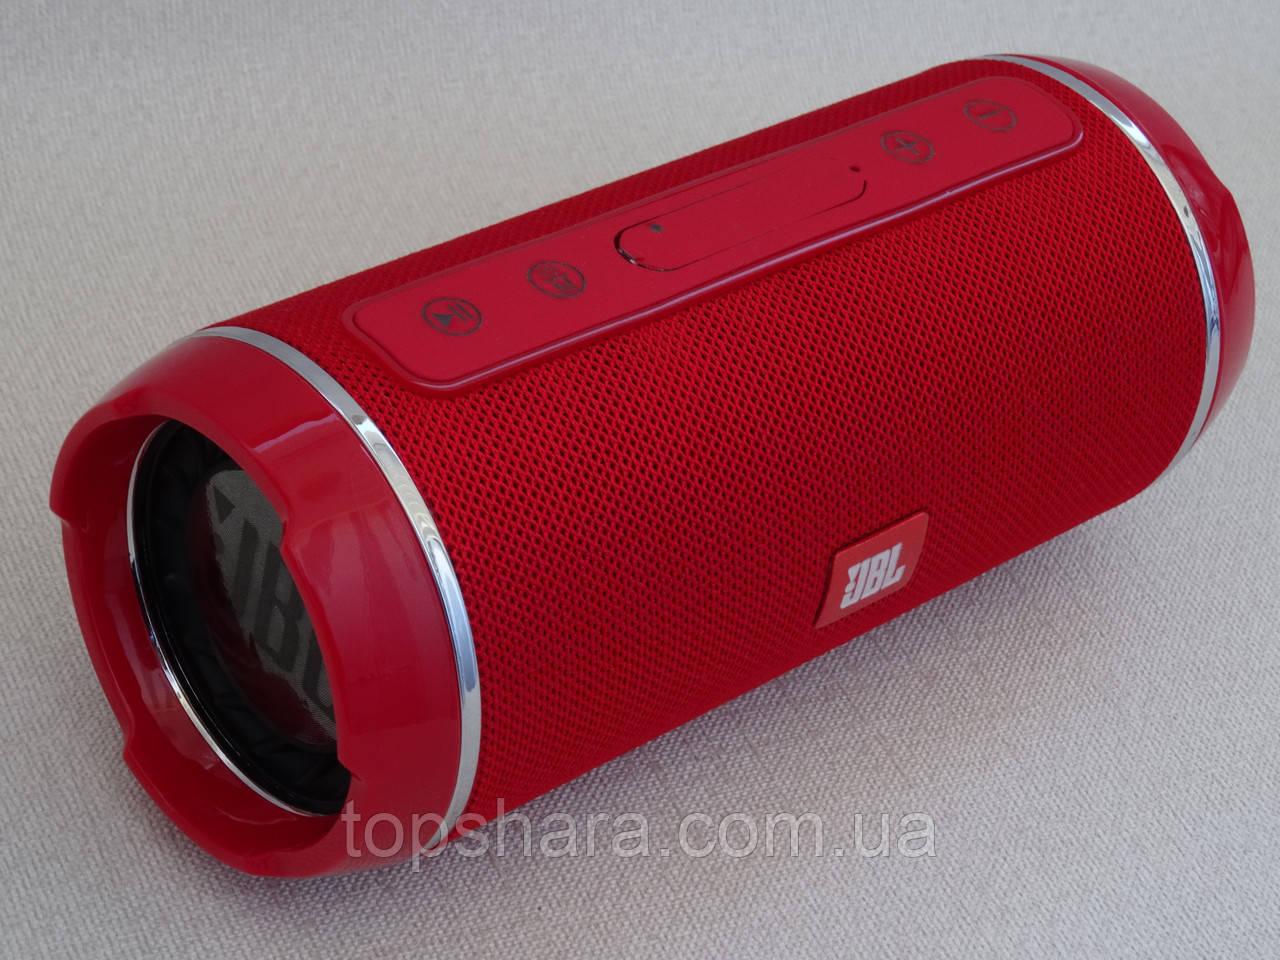 Колонка беспроводная мобильная влагостойкая Bluetooth JBL-116 красная